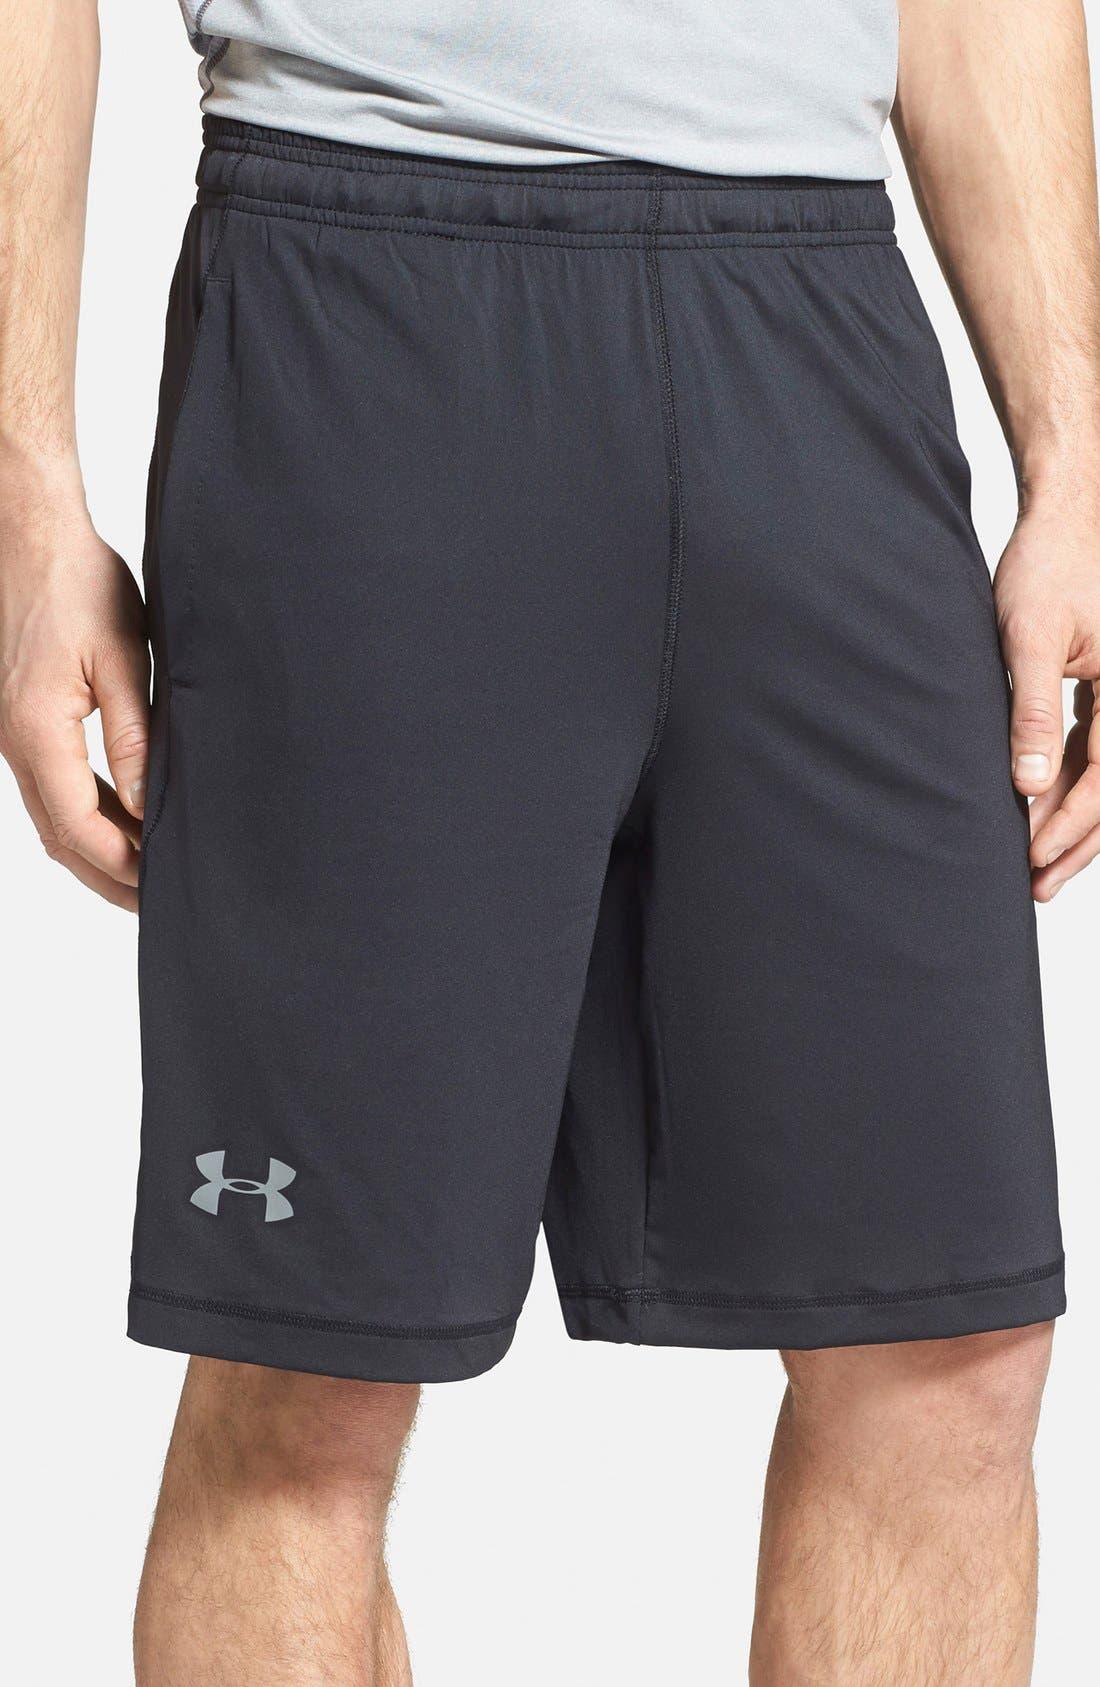 'Raid' HeatGear<sup>®</sup> Loose-Fit Athletic Shorts,                             Main thumbnail 1, color,                             001